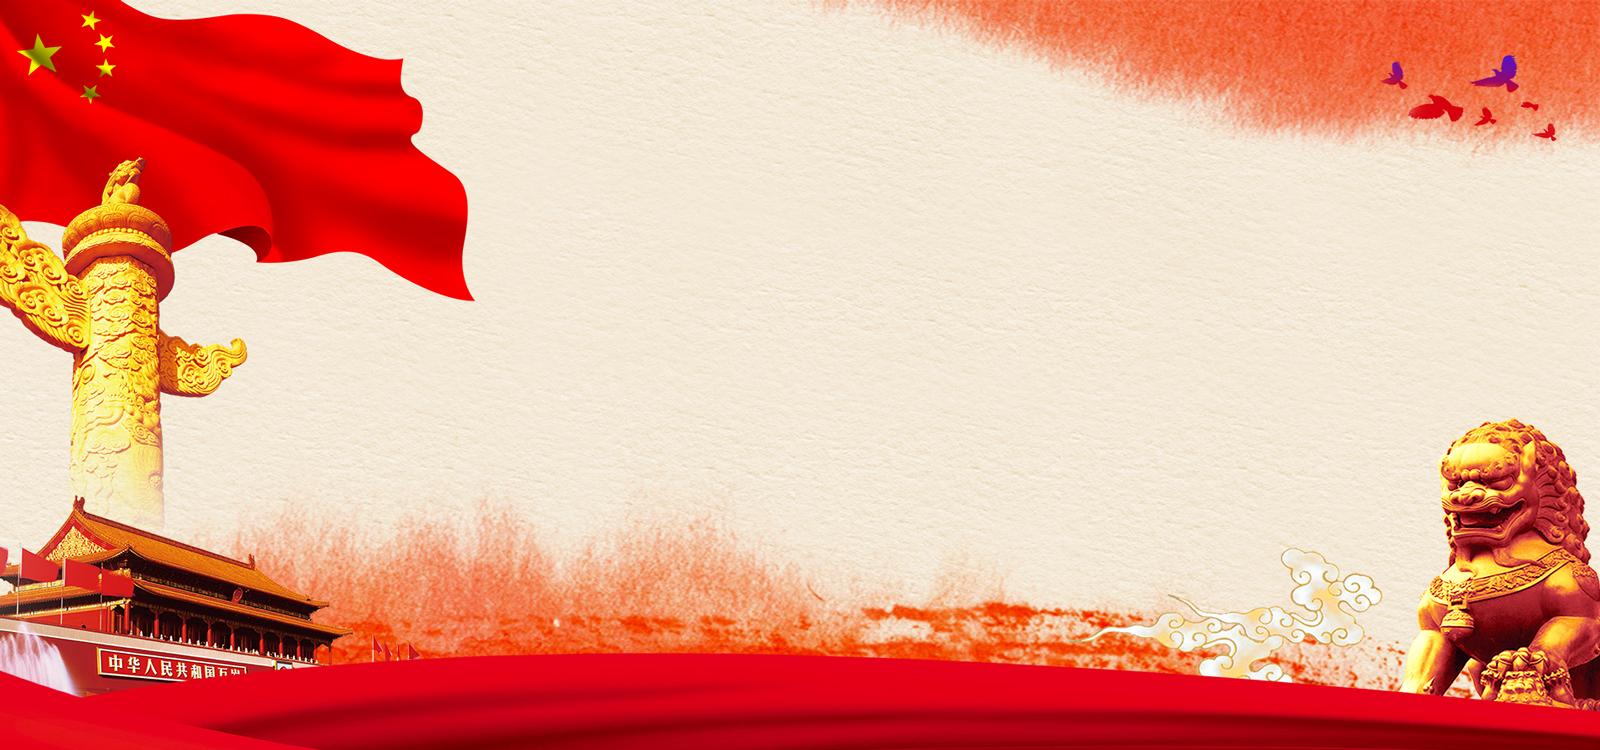 Hình background chủ đề đảng